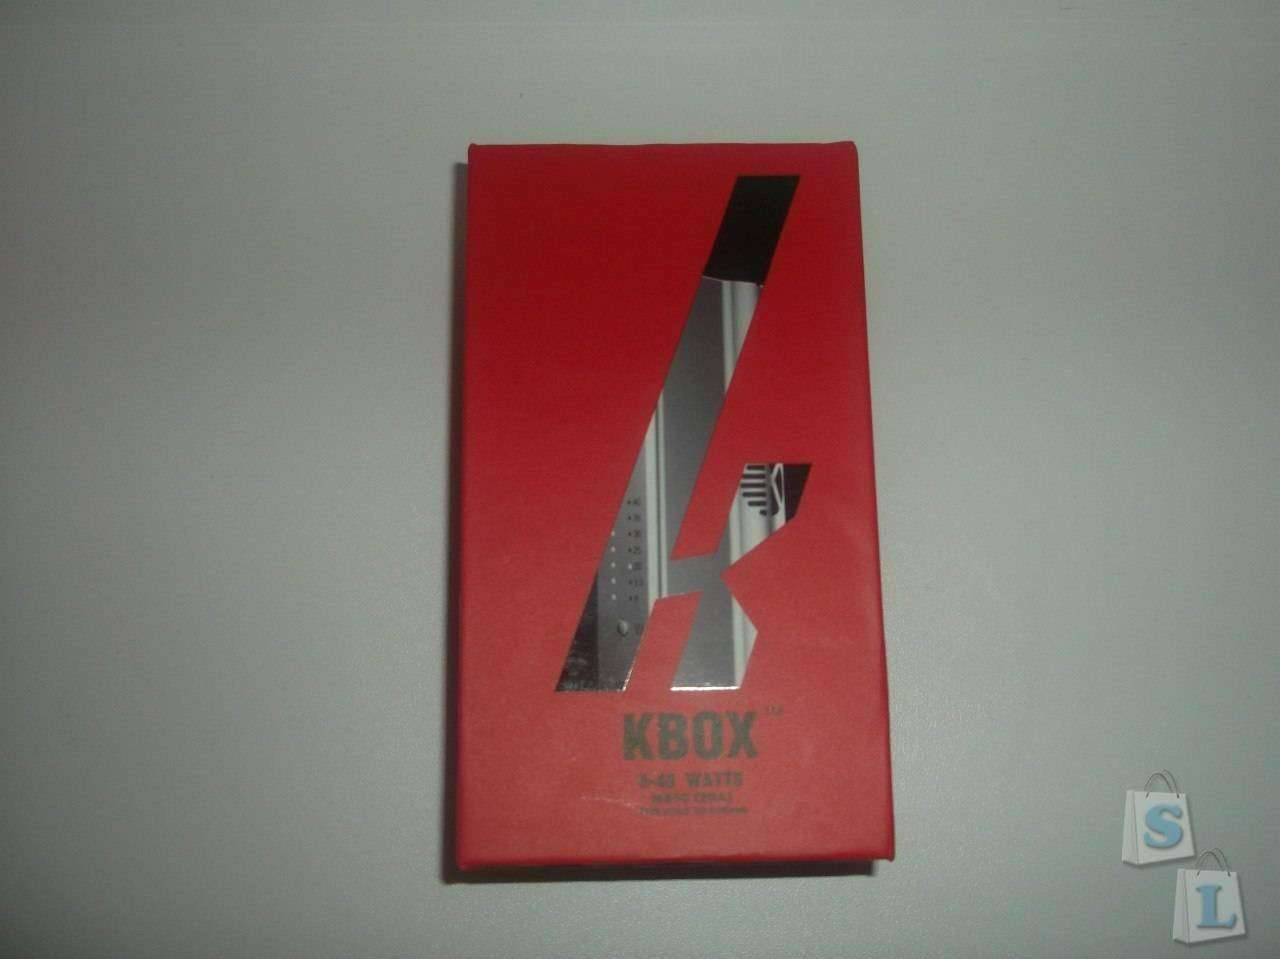 Cigabuy: Kbox-бюджетный боксмод для электронного парения.